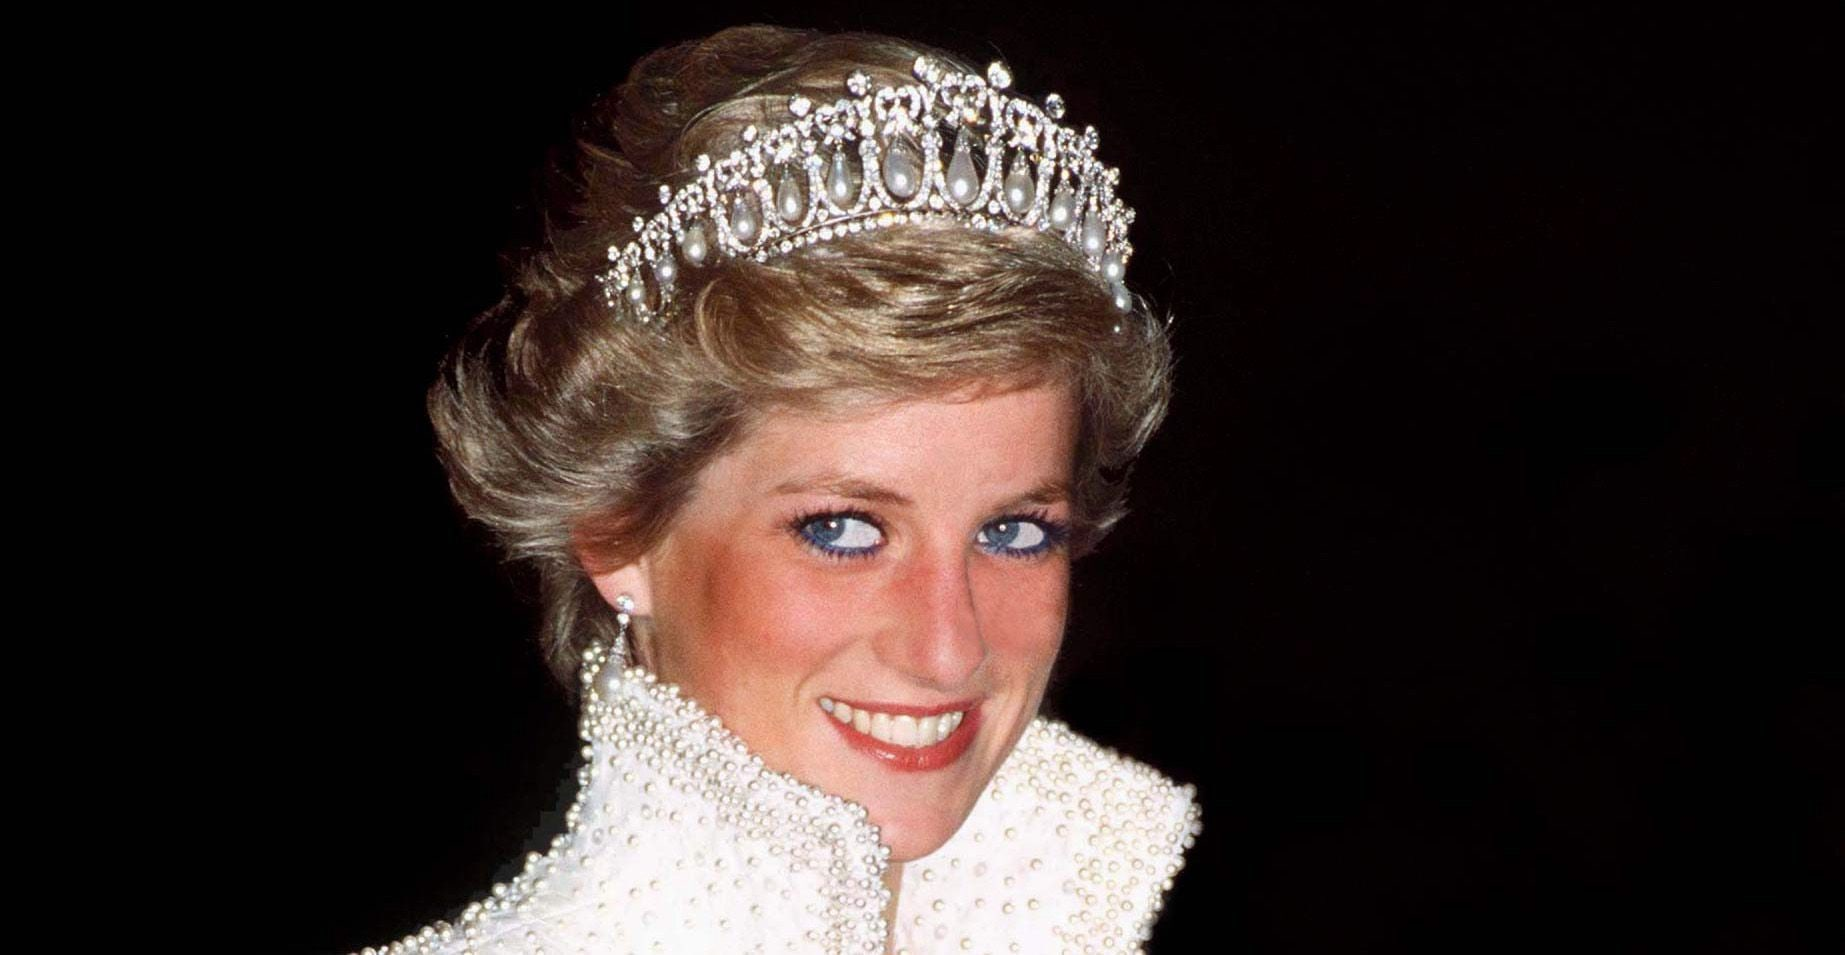 Diana hercegnő baleset